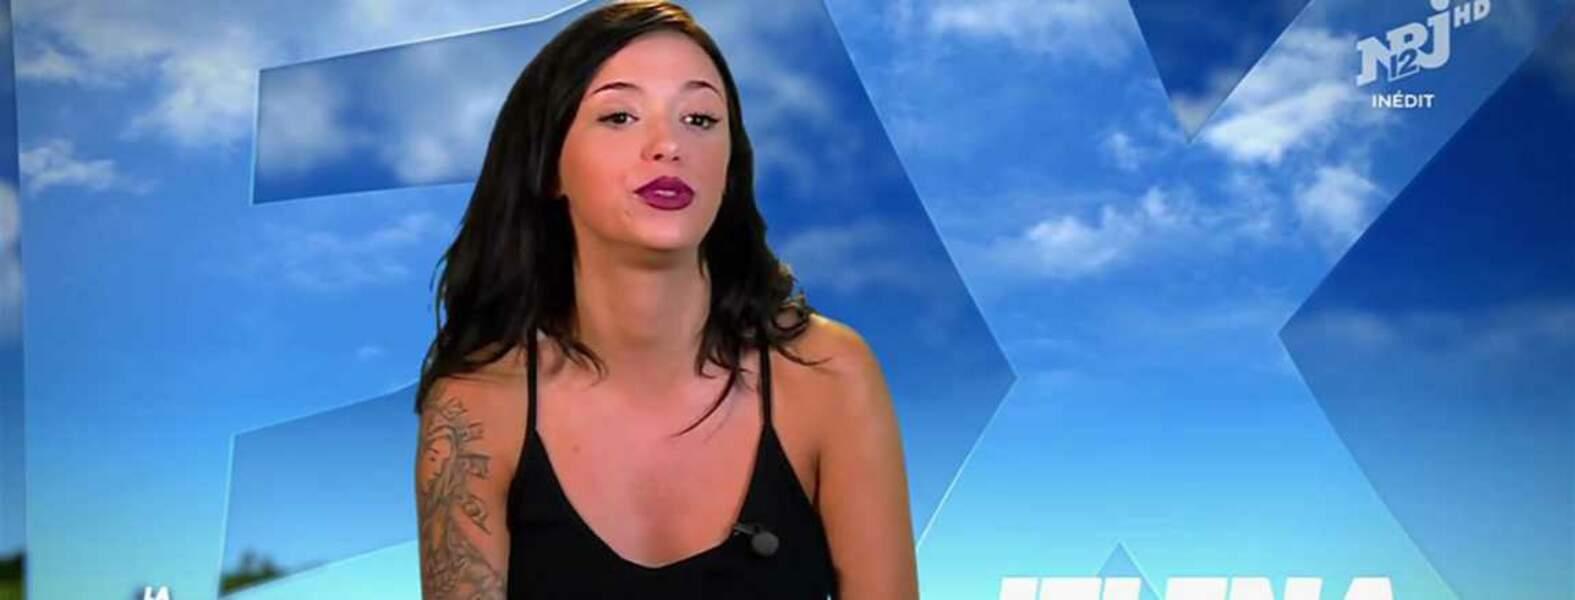 Jelena a fait ses débuts télévisuels sur NRJ 12